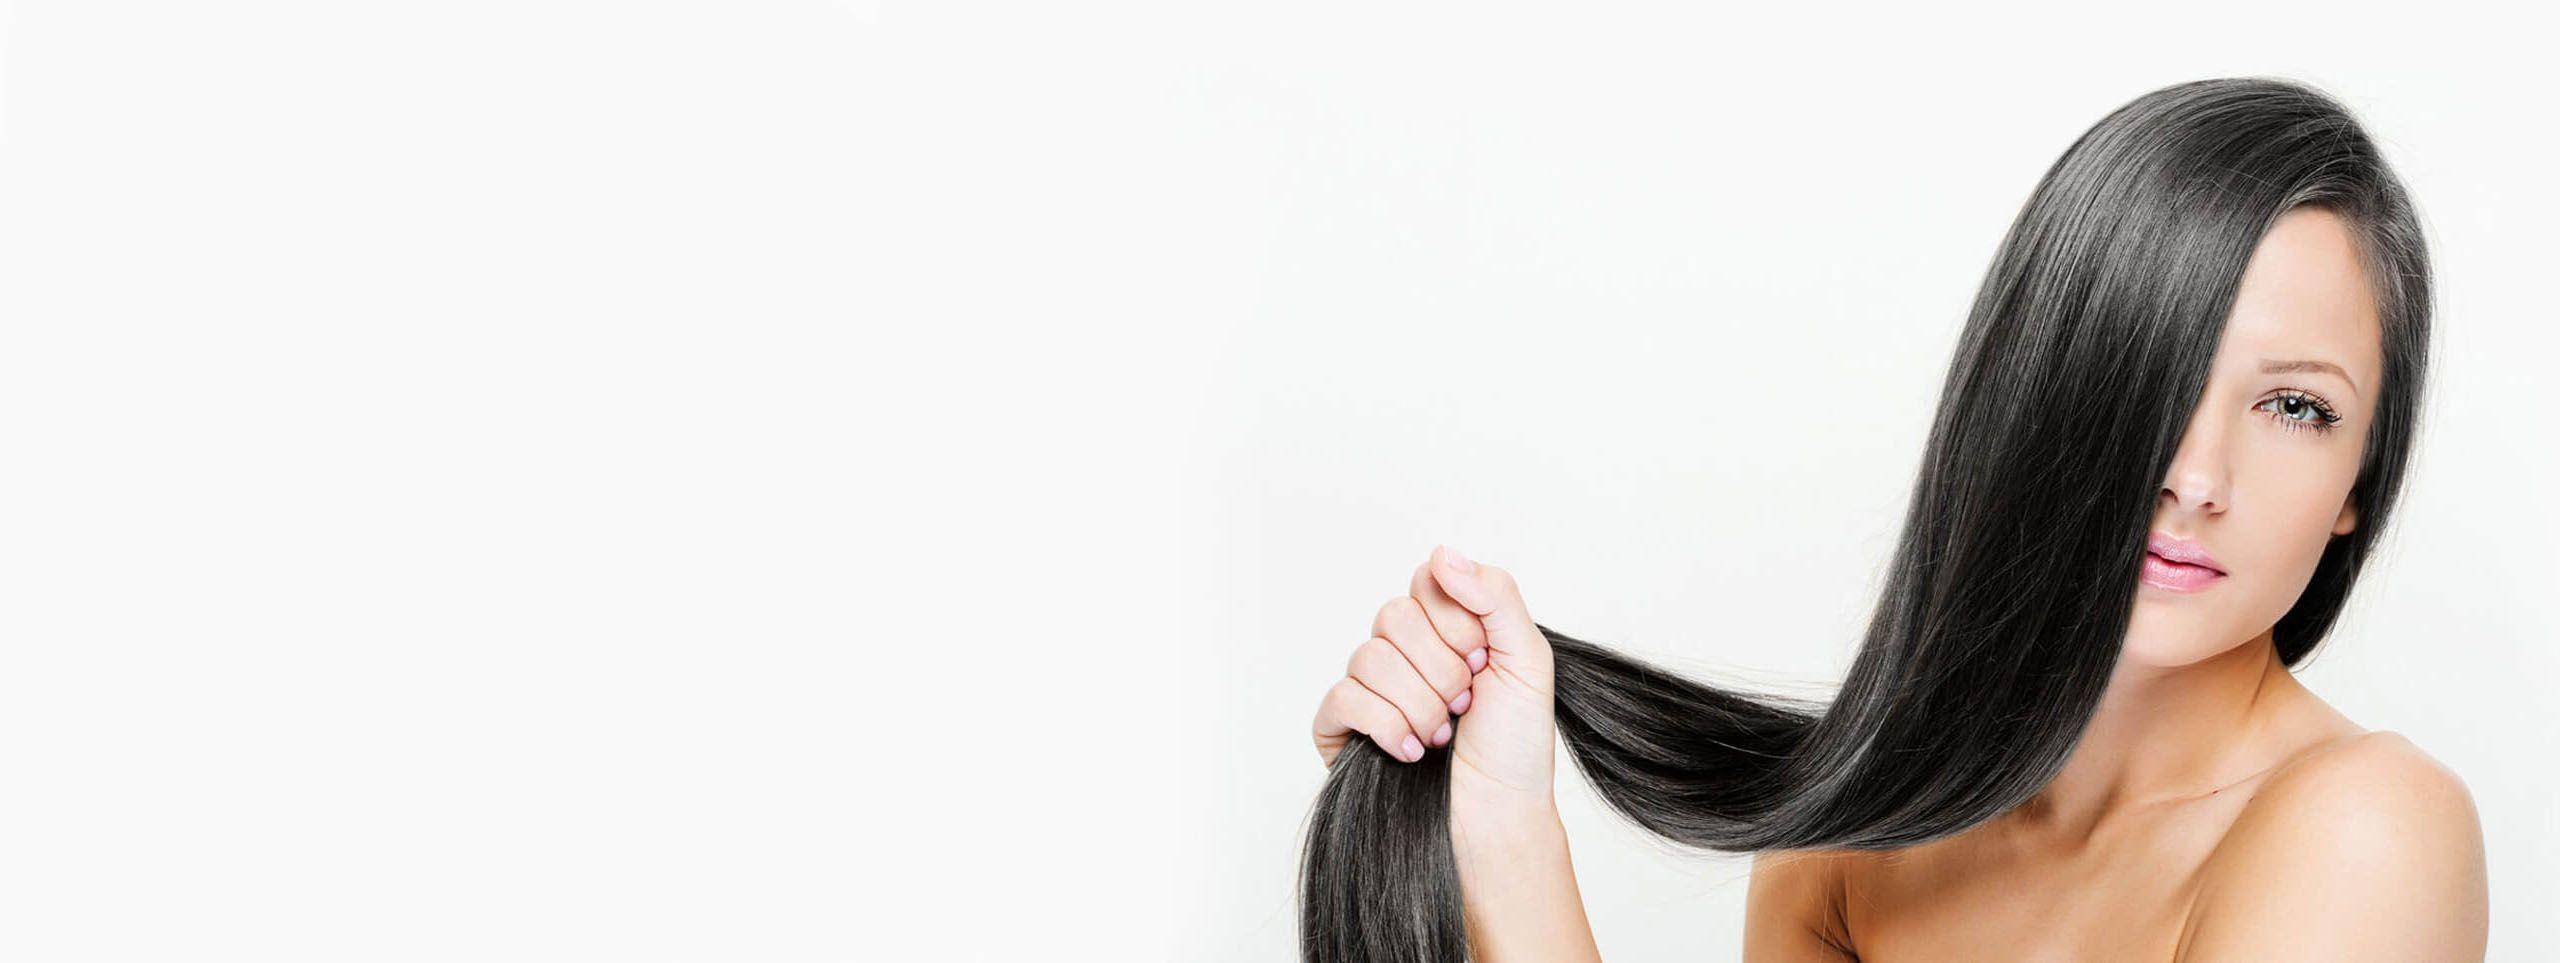 Lana Del Rey de trois quart cheveux aubun